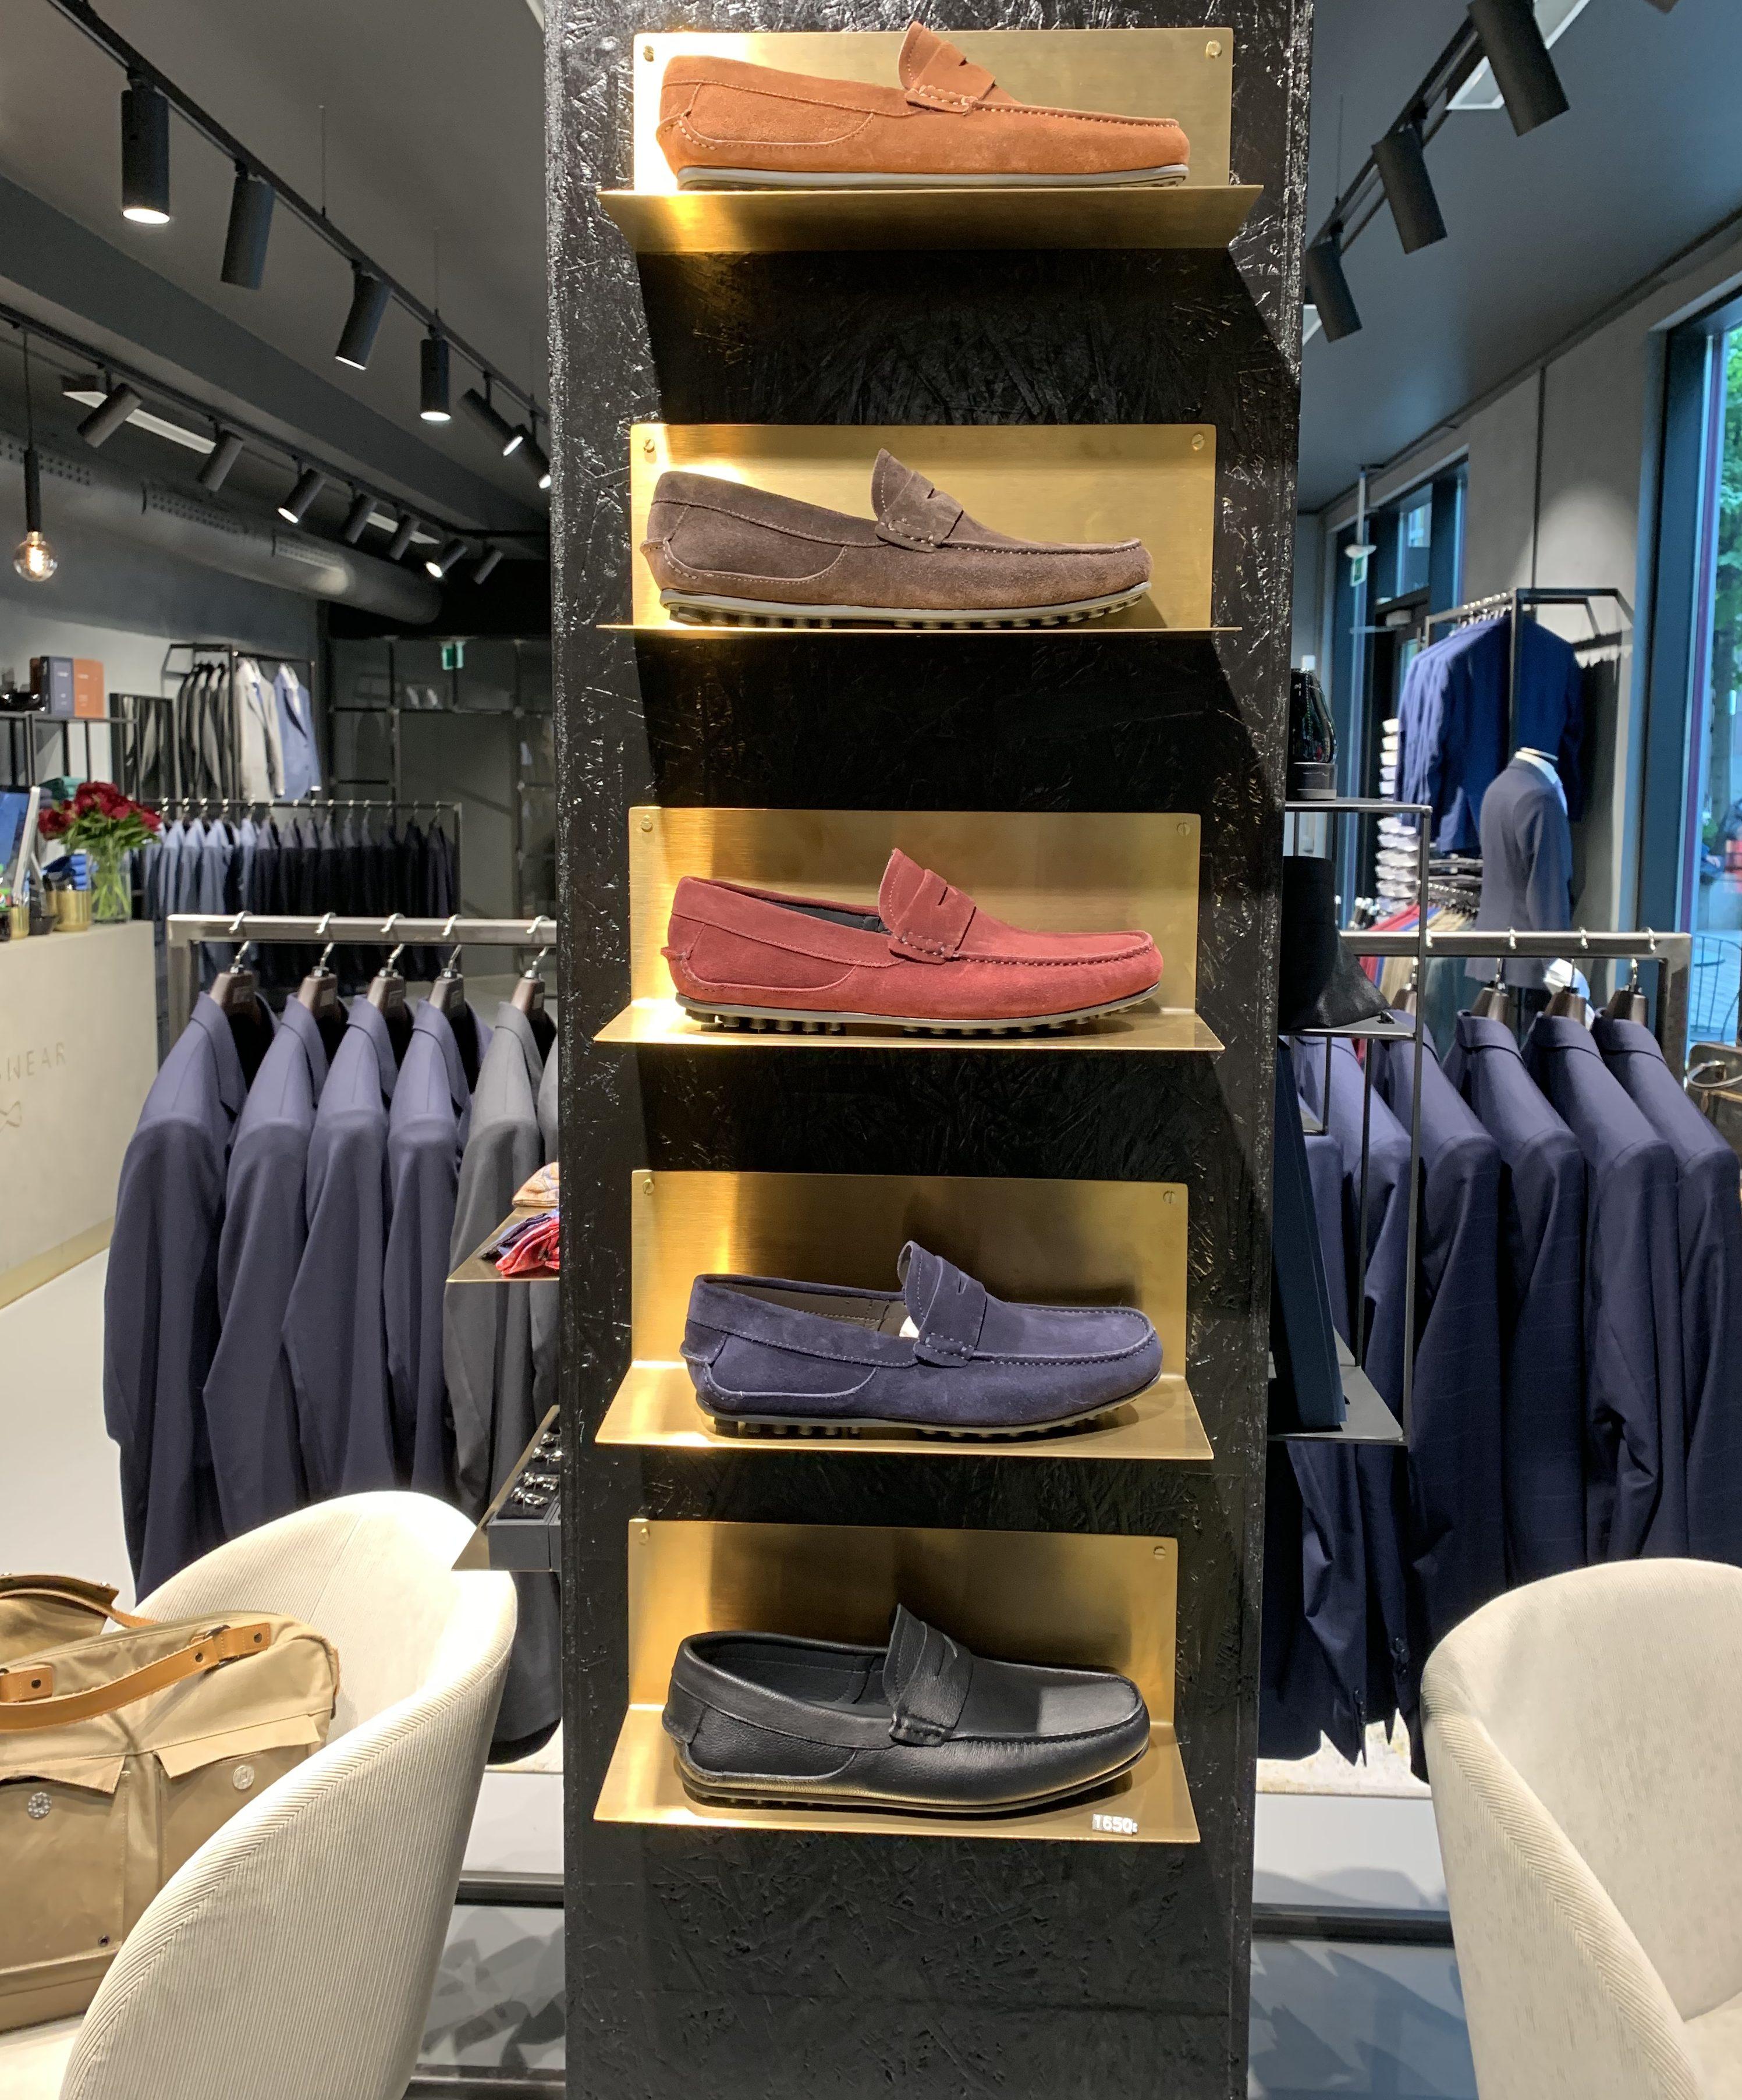 9751267d Et tillegg til Menswears utvalg av sko denne sesongen er en ny serie  loafers i flere farger